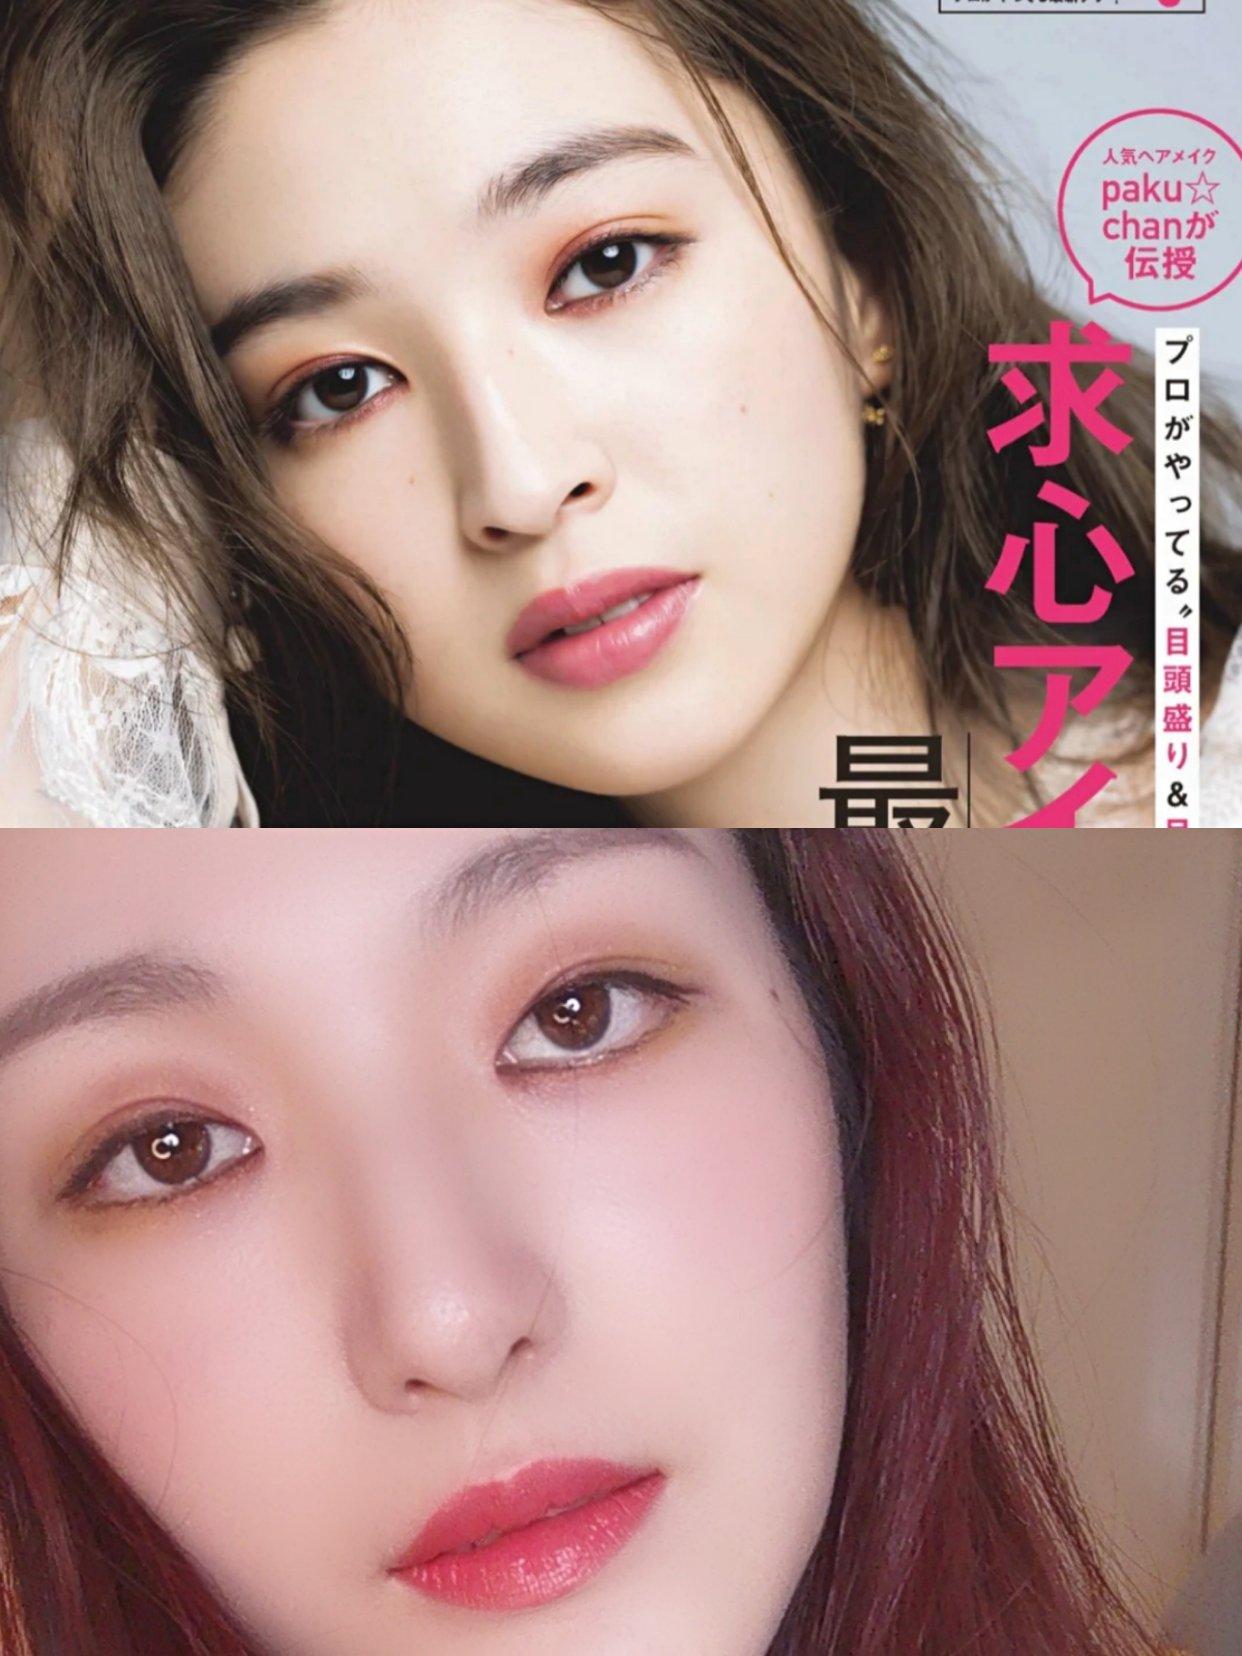 仿女神妆:2021春季眼影新潮流